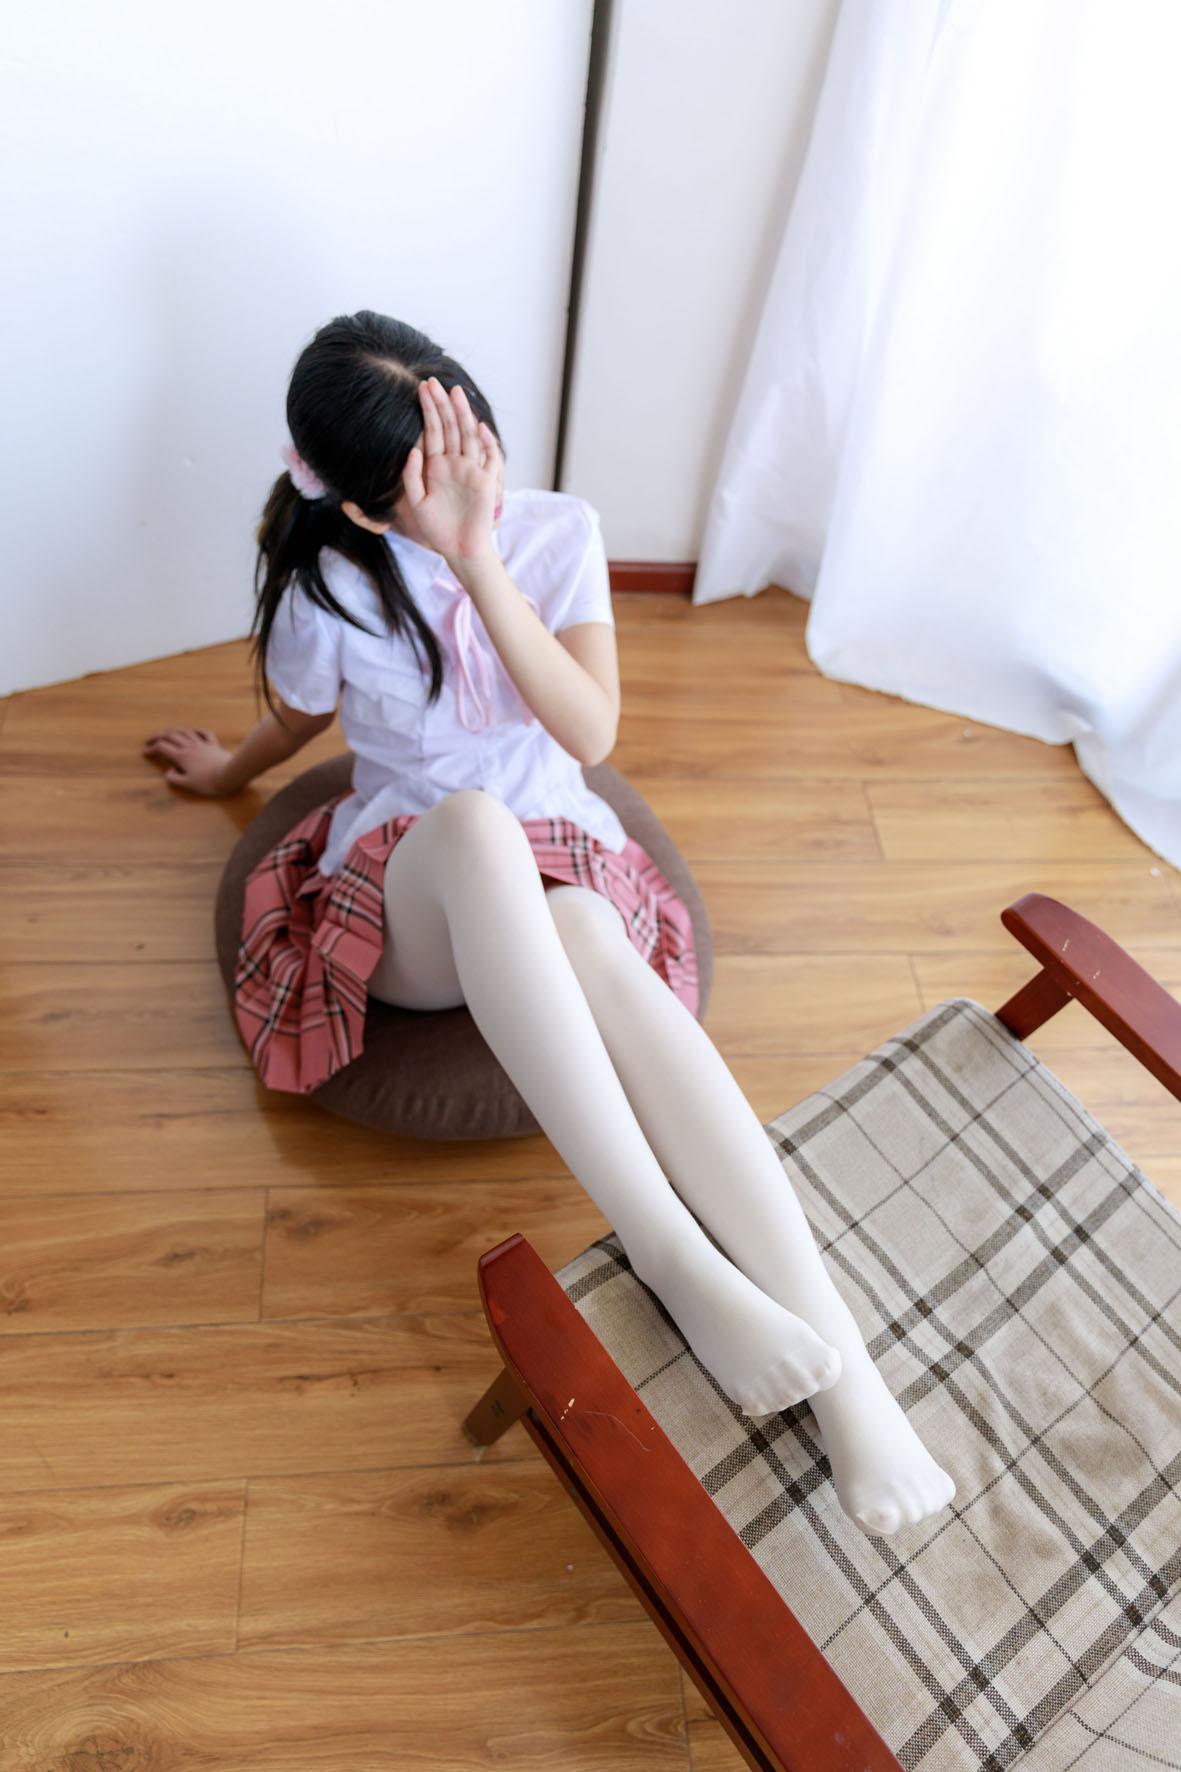 喵写真少女摄影系列PR15-006 (98P)